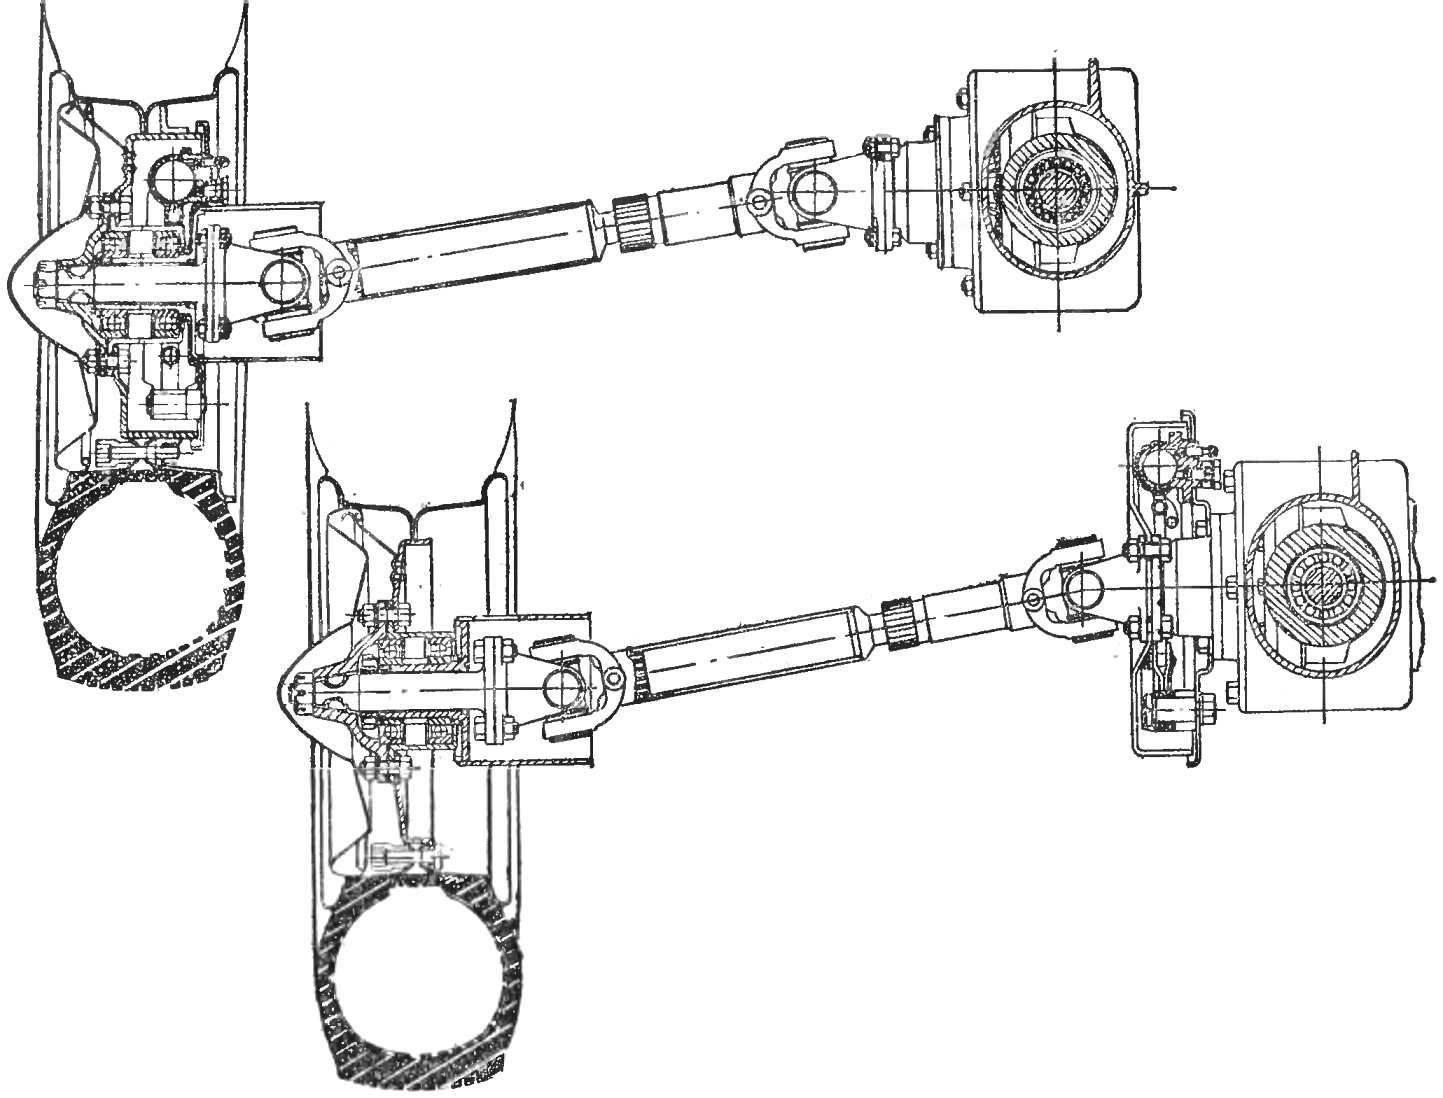 Рис. 4. Ведущий мост из узлов равных автомобилей и мотоциклов; внизу — вариант с тормозным барабаном на внутреннем конце полуоси.